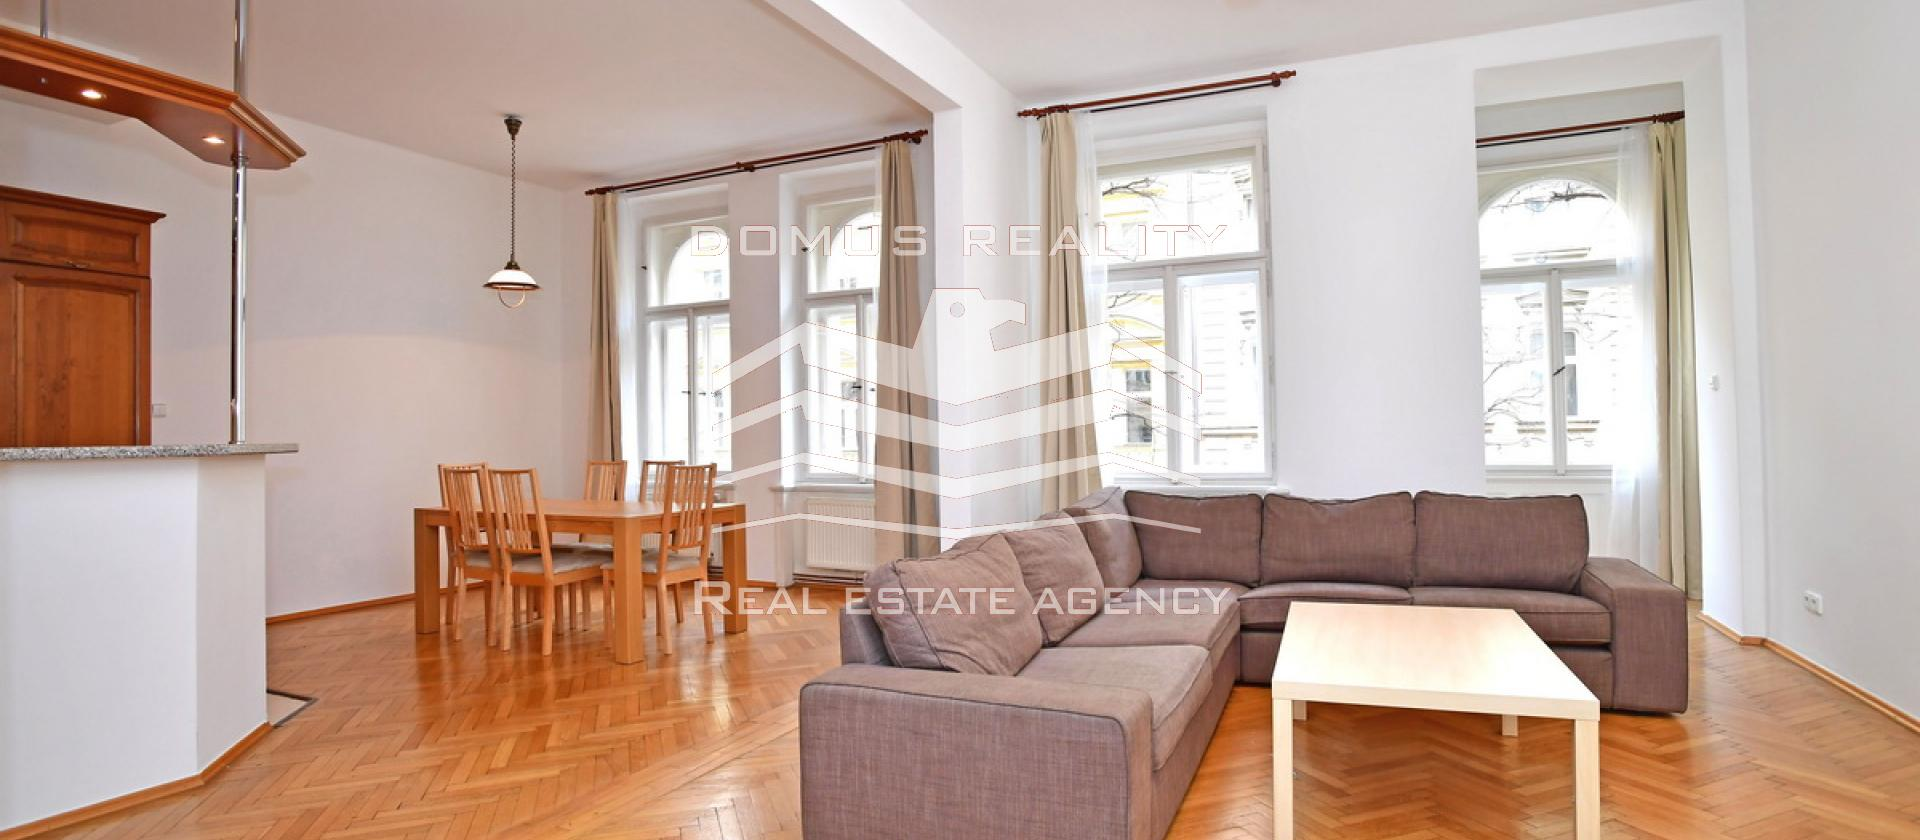 Luxusní zařízený byt číslo 4, dům č.p. 989, Mánesova 32, Praha 2  Plocha bytu: 125 m2, 3+kk, 3.nadzemní podlaž